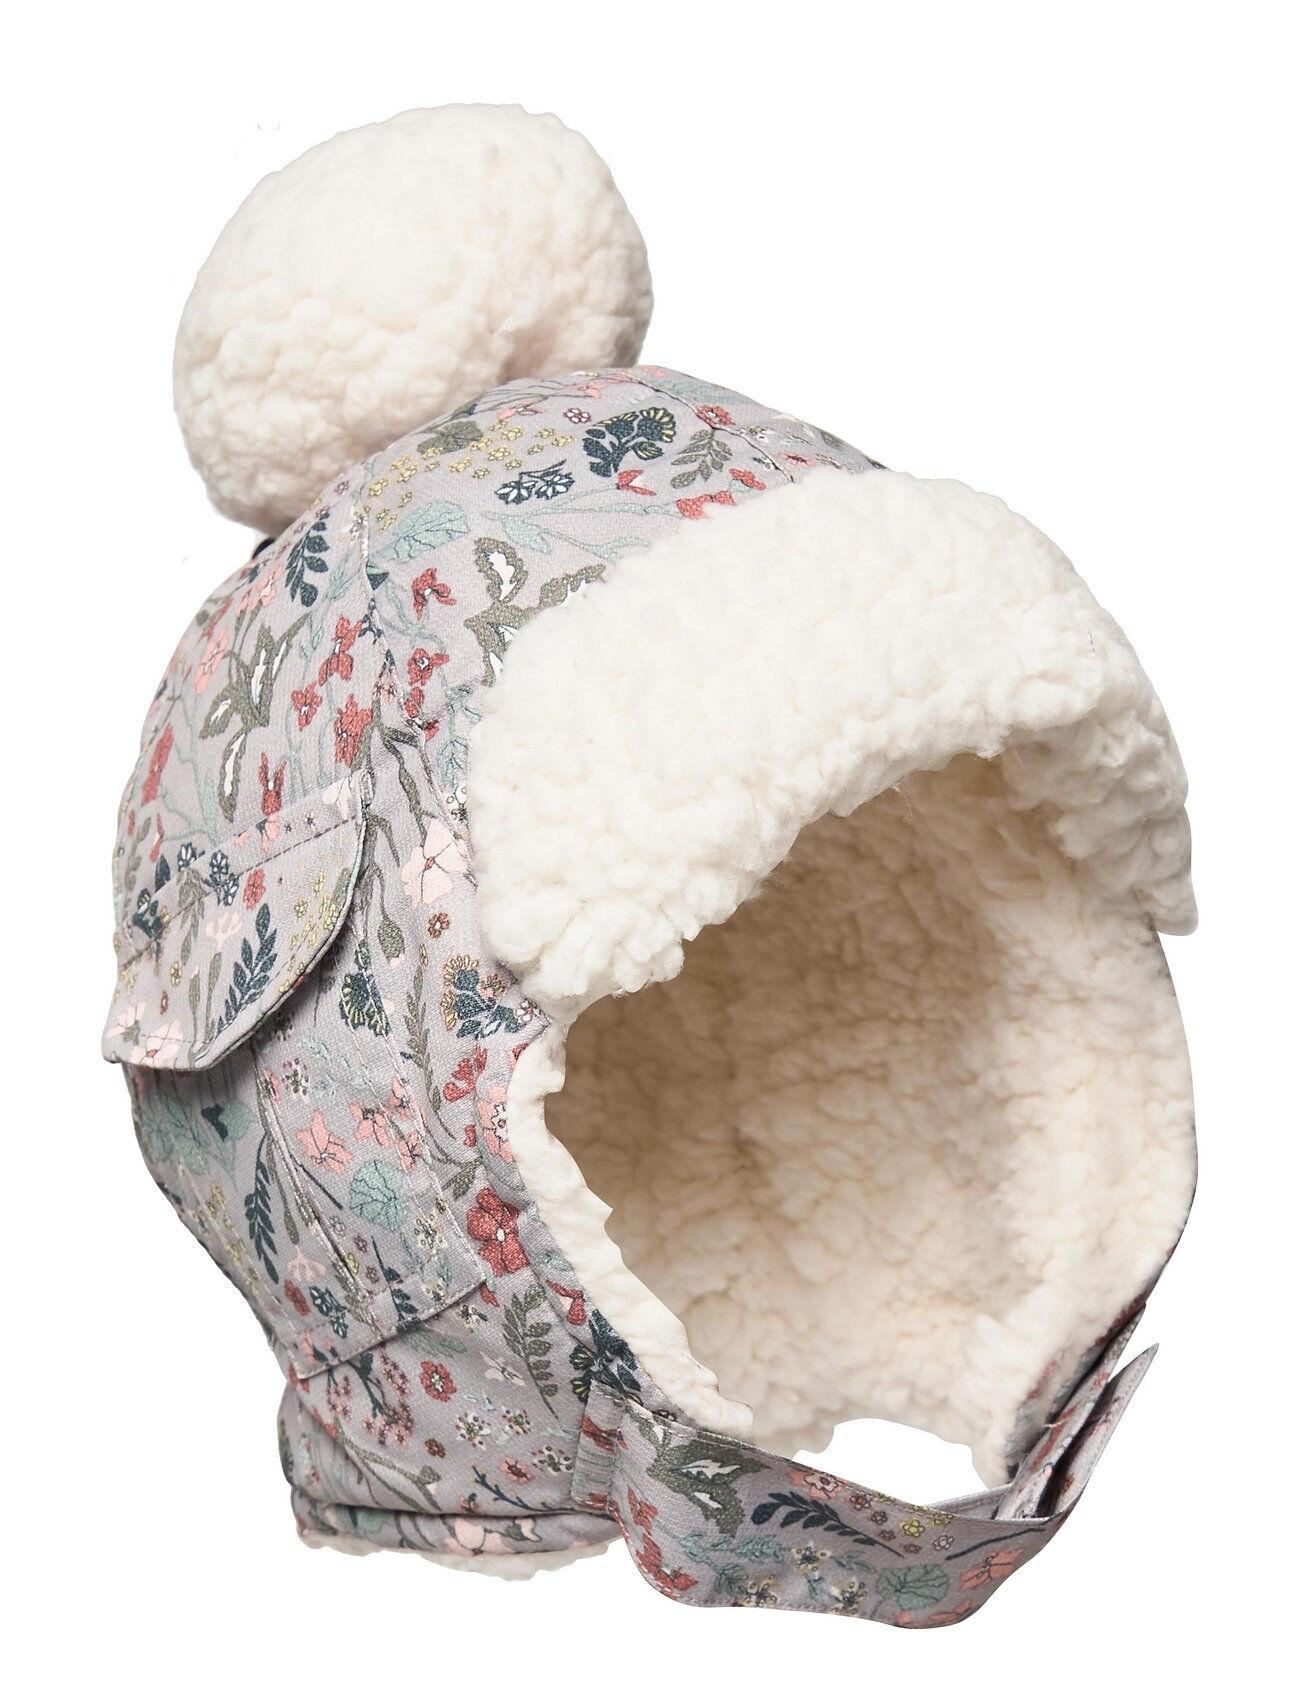 Elodie Details Cap - Vintage Flower Accessories Headwear Hats Monivärinen/Kuvioitu Elodie Details